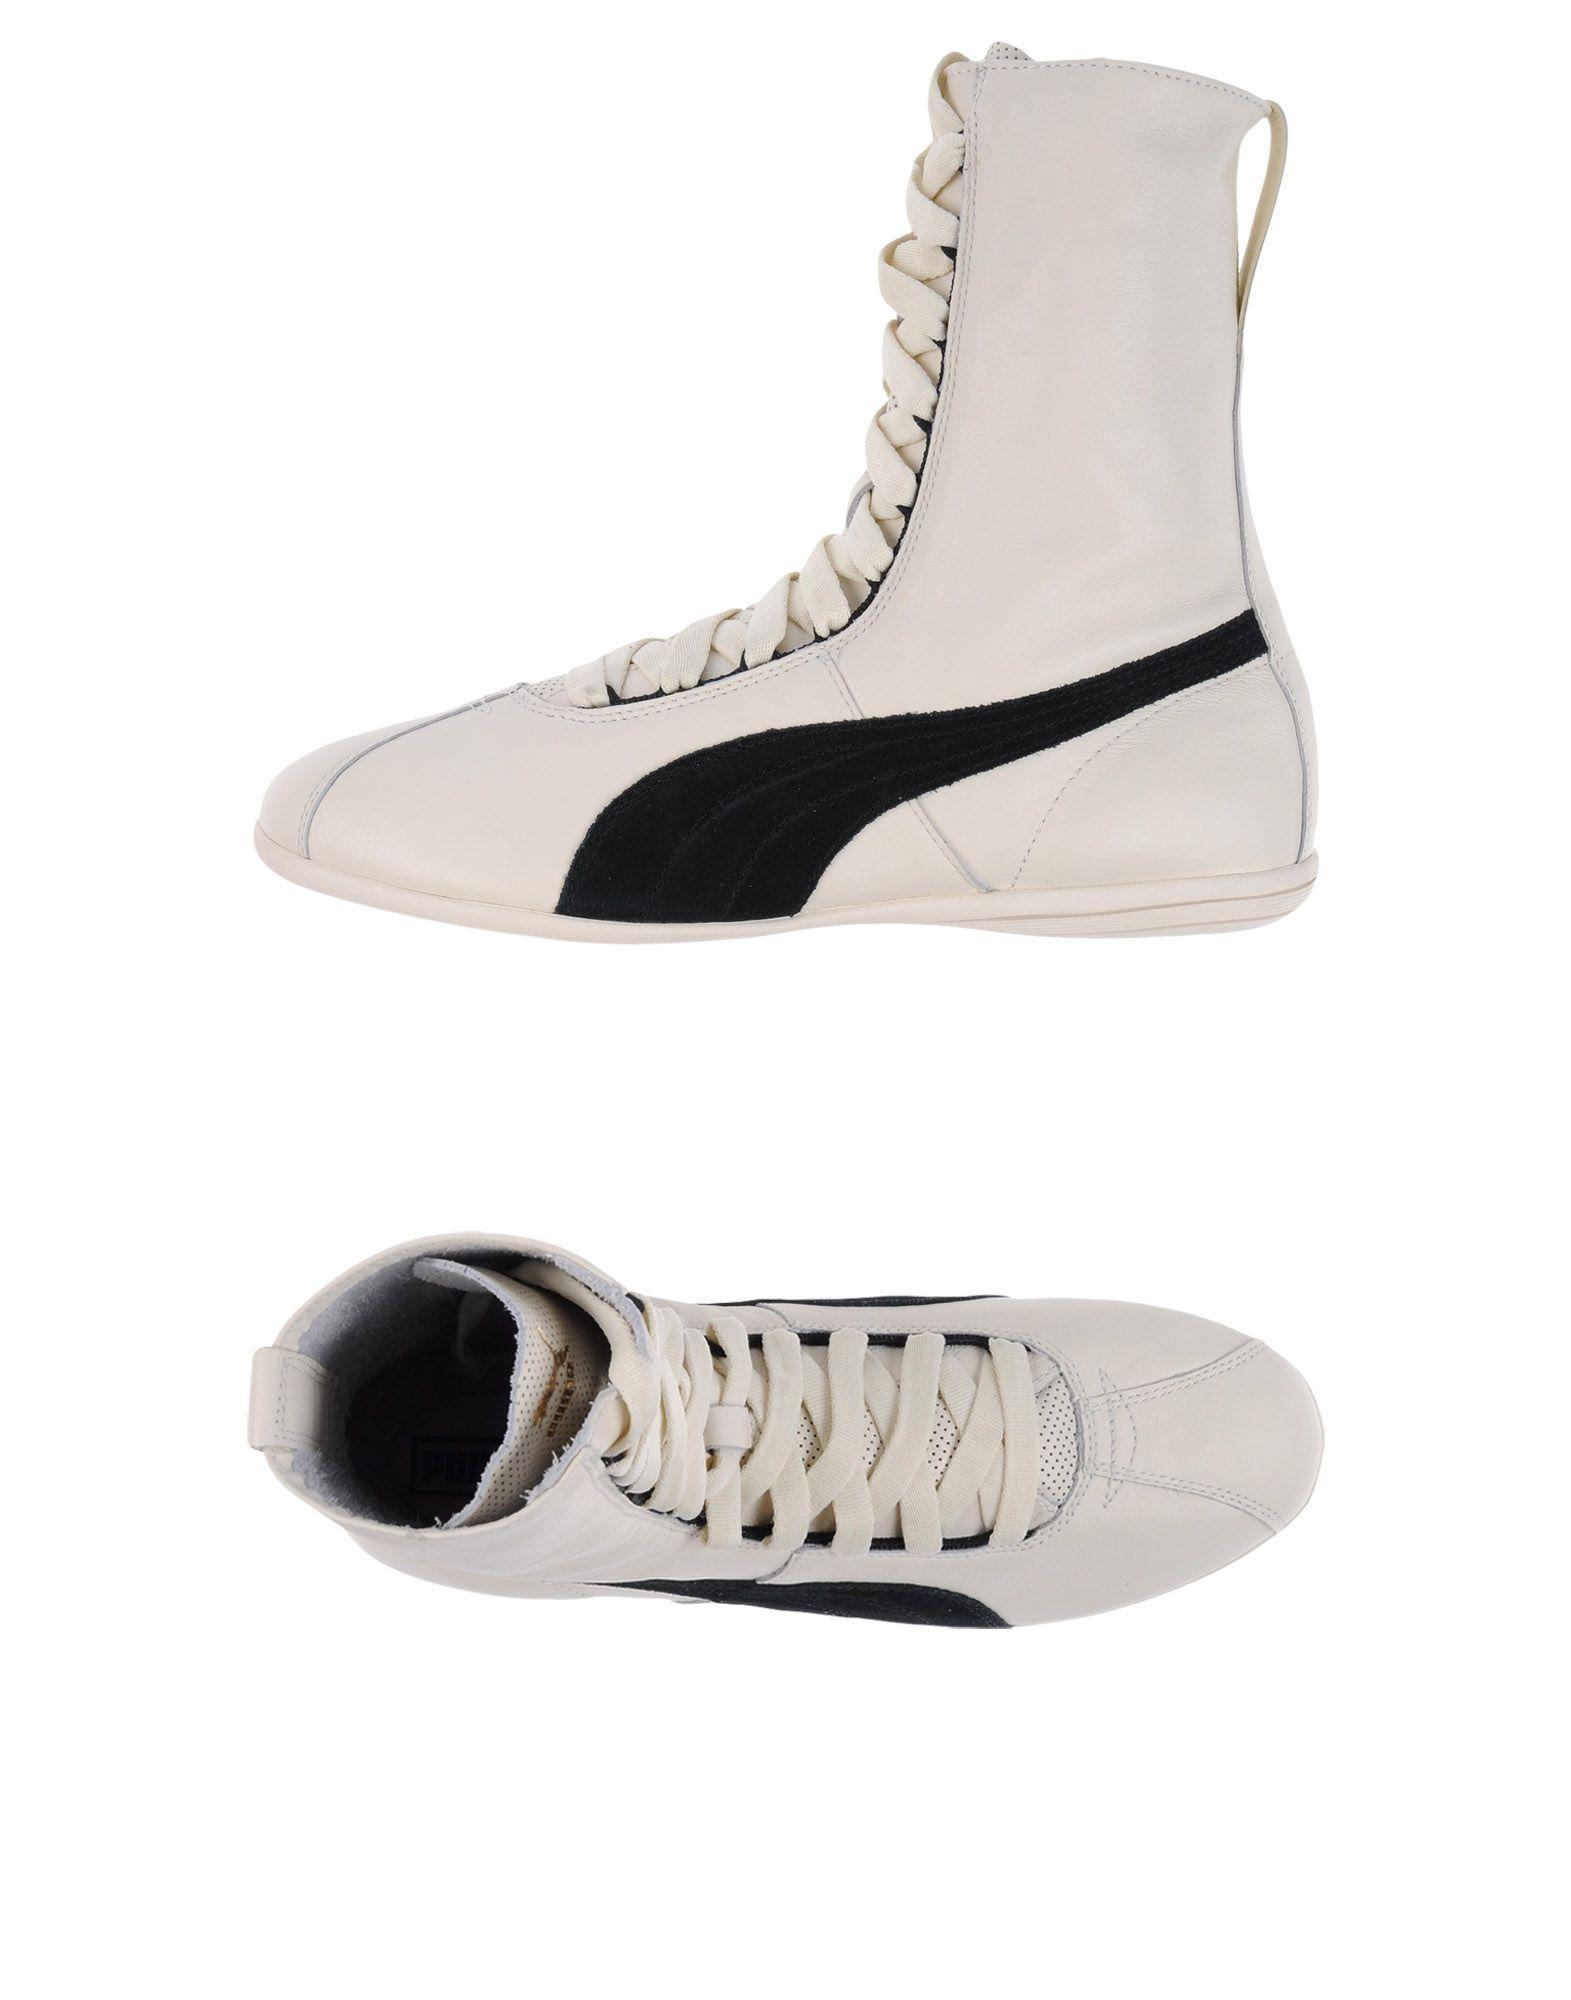 Puma Sneakers Damen  11137009JG Gute Qualität beliebte Schuhe Schuhe Schuhe 0ea538